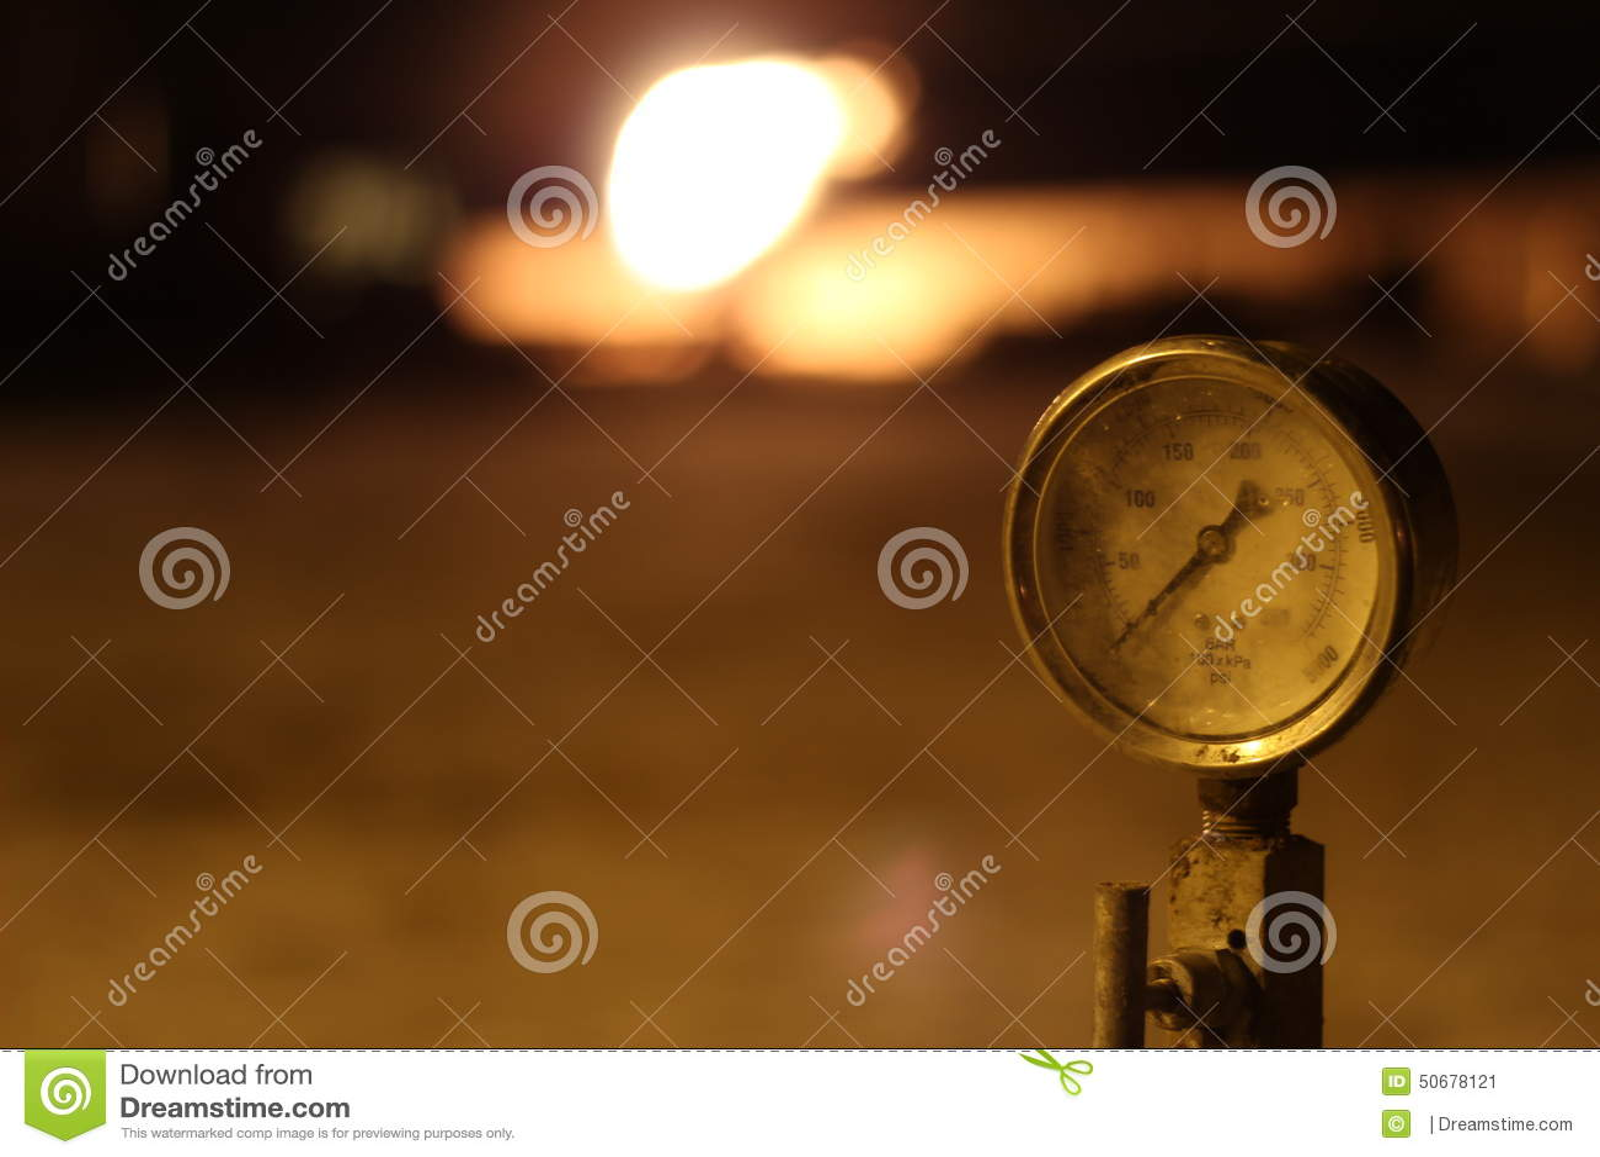 Download 压力表在油田 库存图片. 图片 包括有 背包, 租赁资产, 测量仪, 泉源, 油田, 火光, 气体, 流体 - 50678121